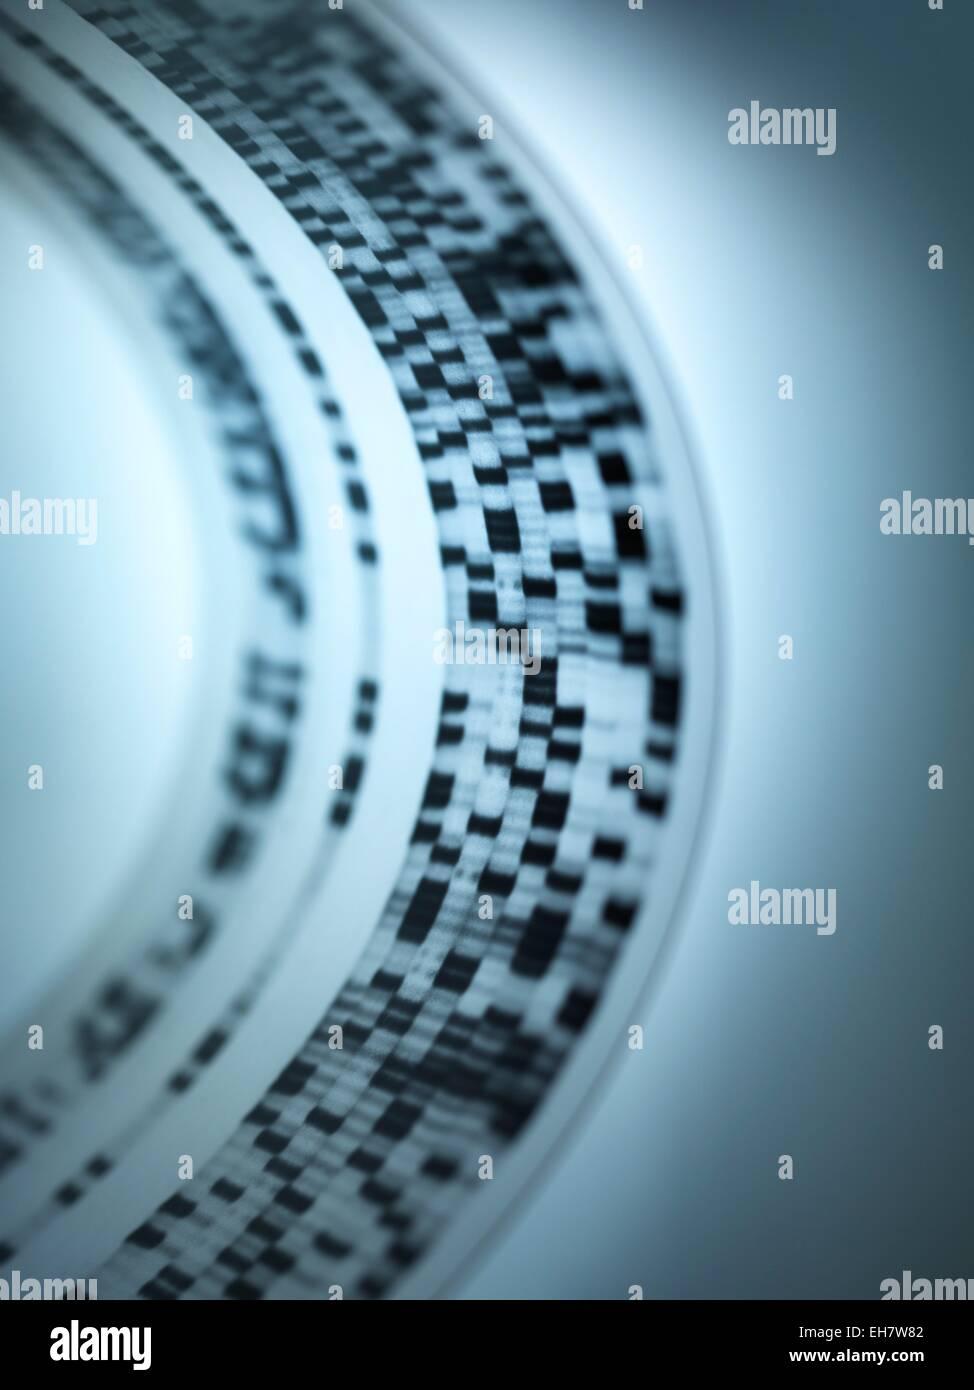 Ricerca del DNA Immagini Stock